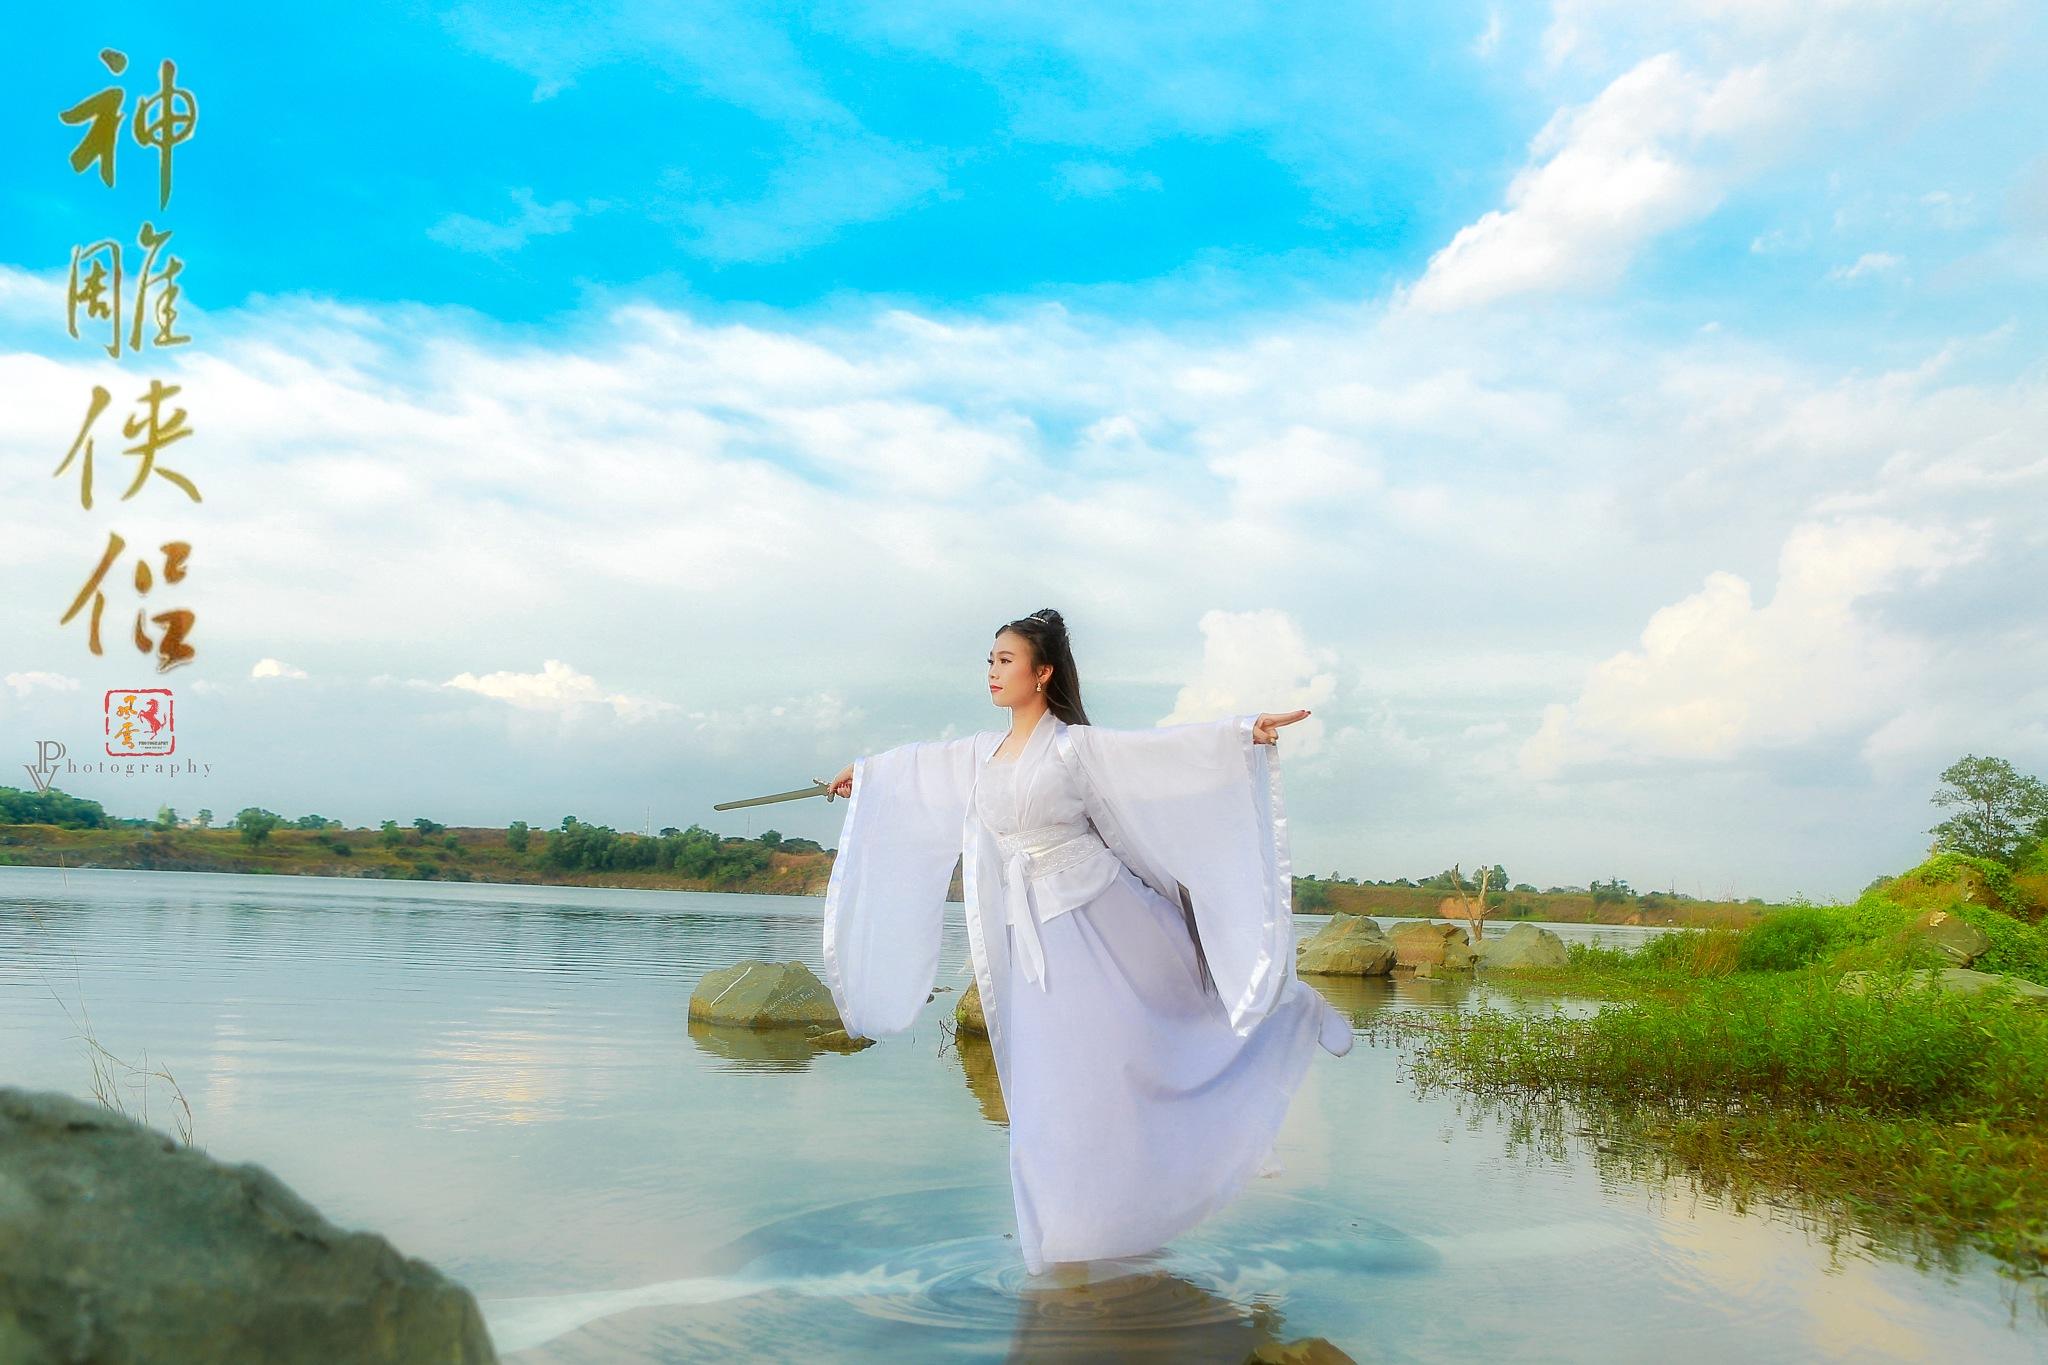 Untitled by Phong Vân